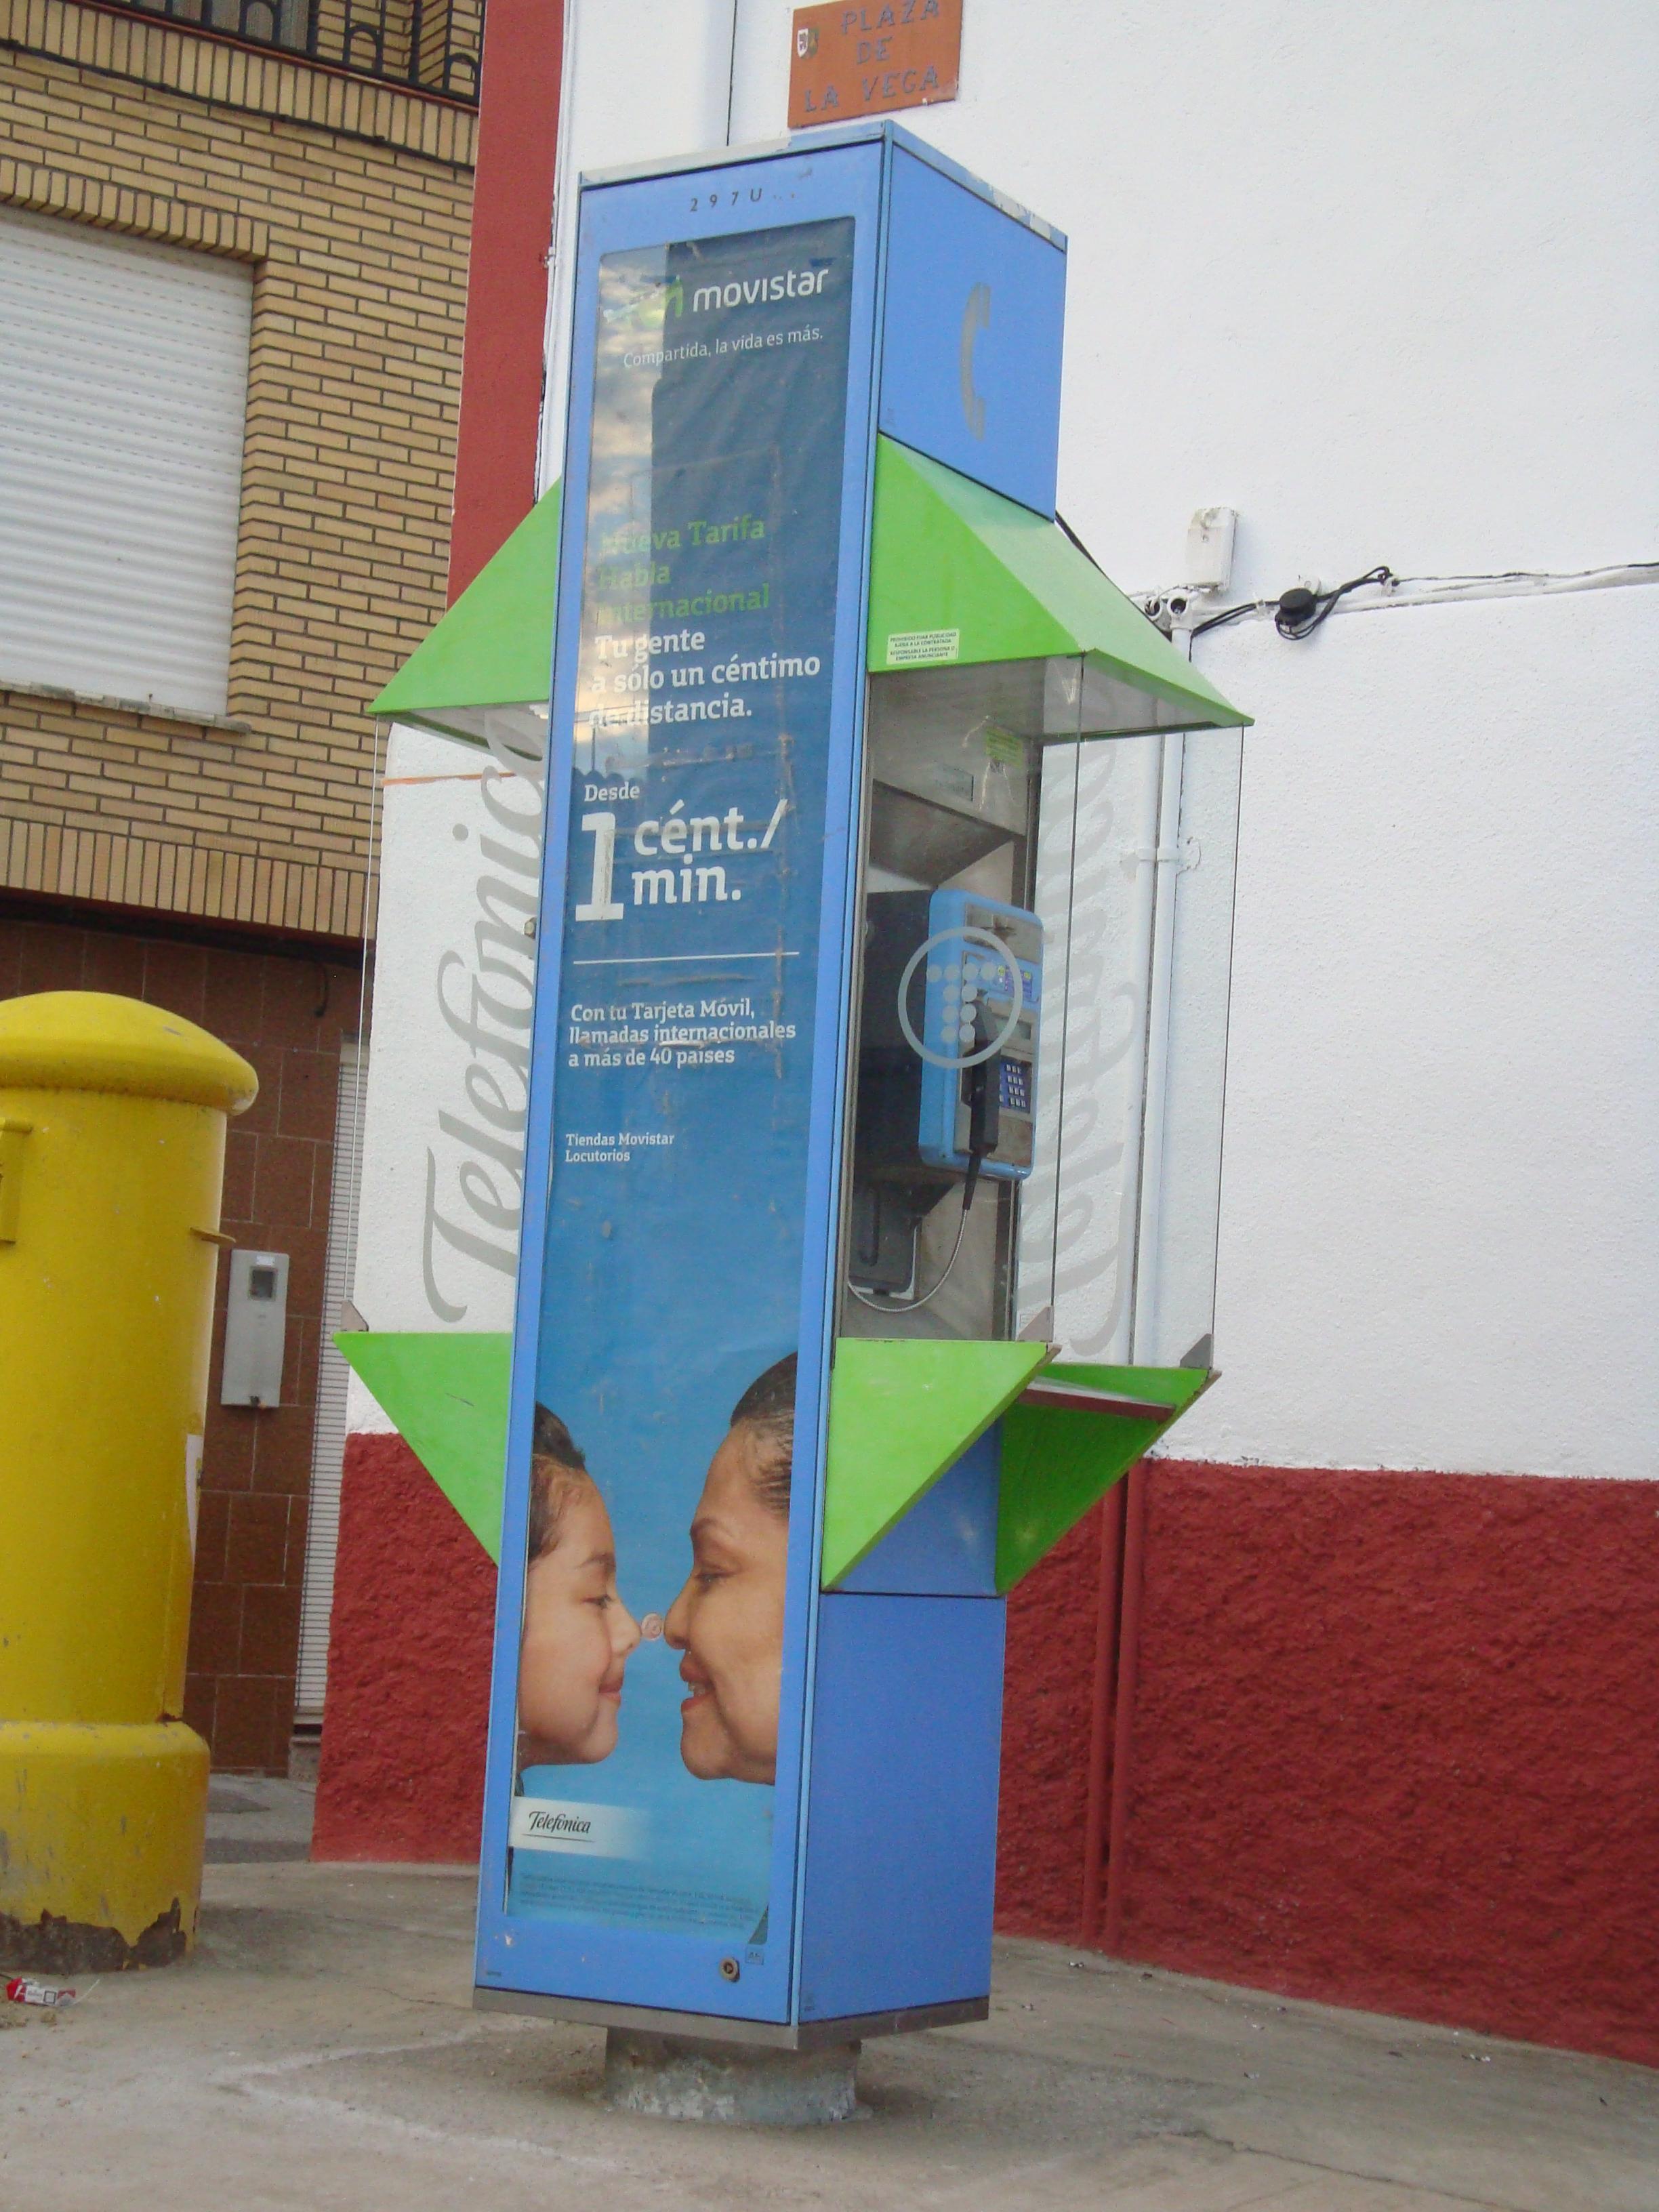 El teléfono público vuelve a Torrejoncillo